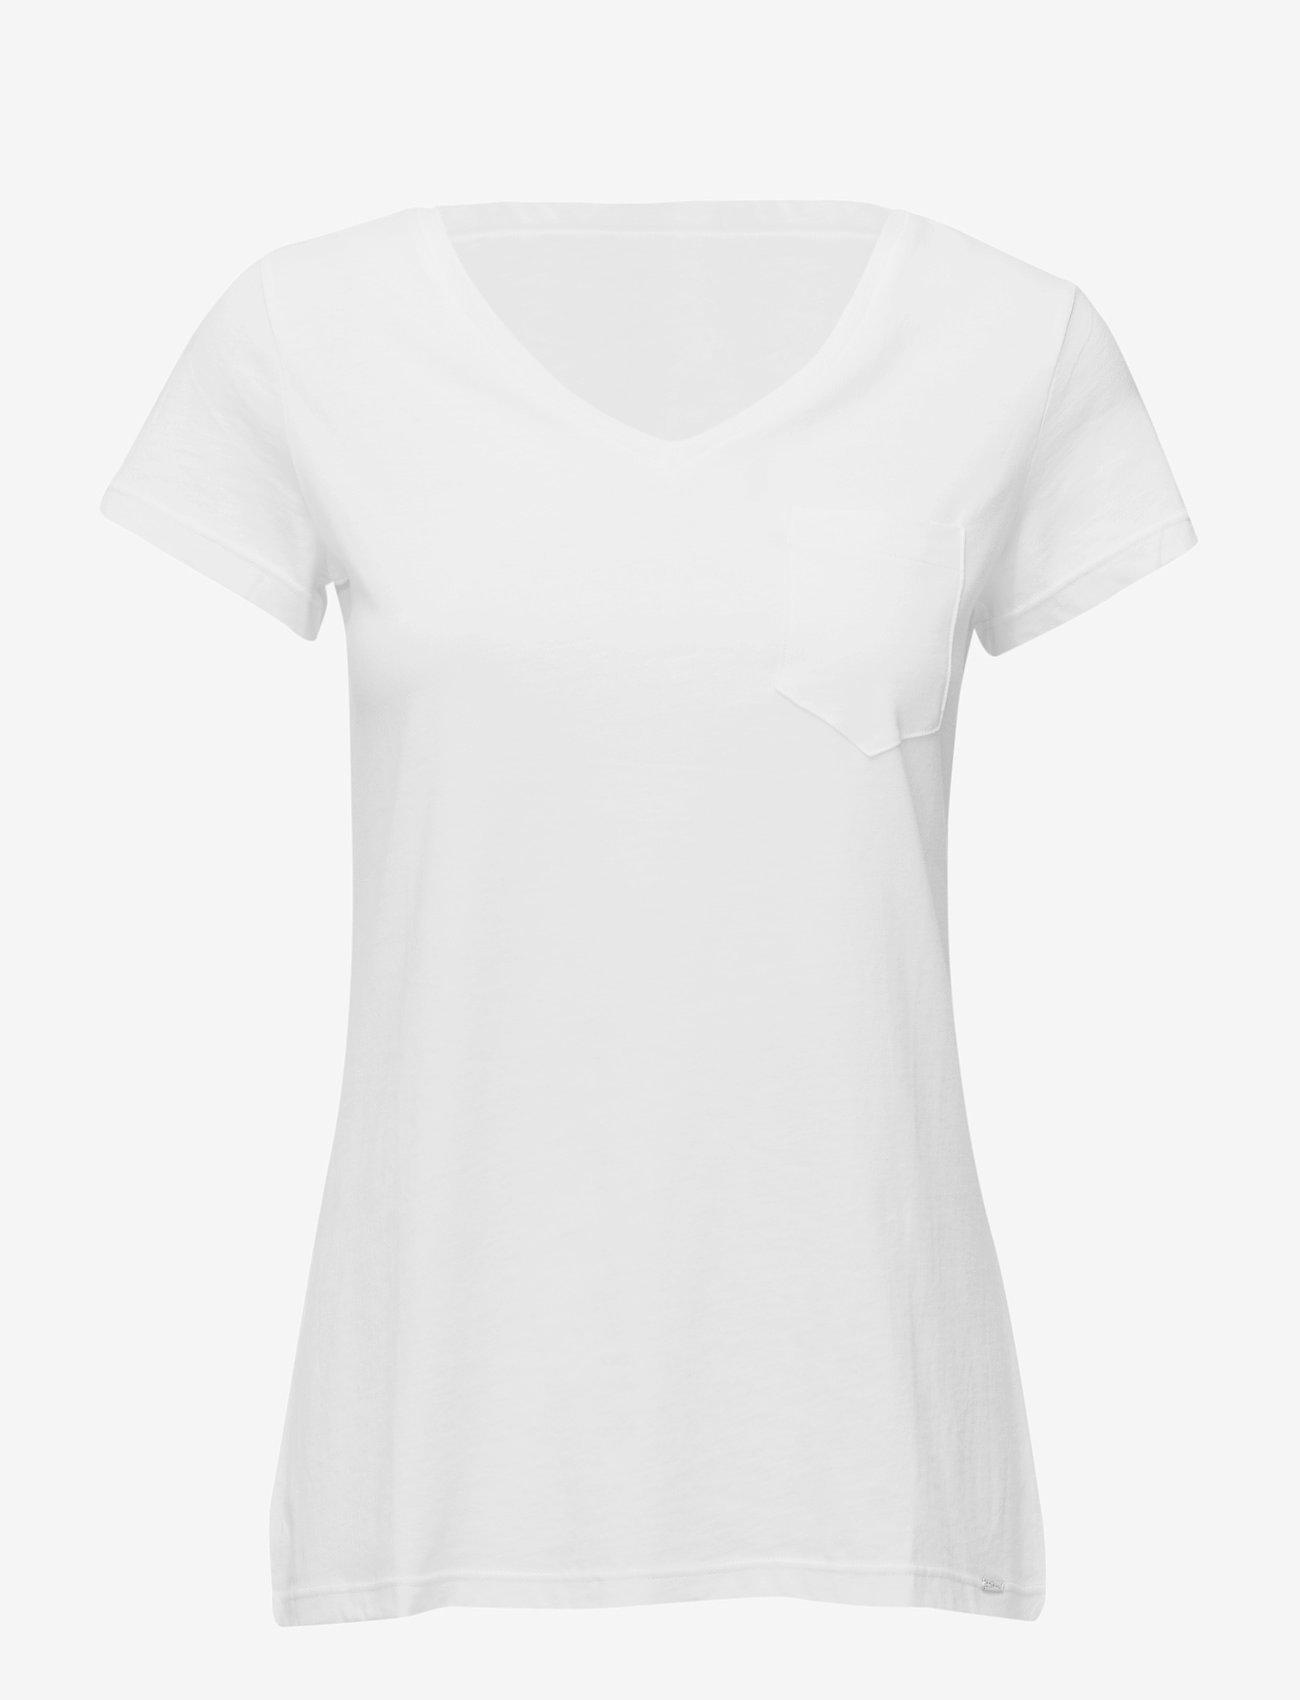 Skiny - L. shirt s/slv - Överdelar - ivory - 0